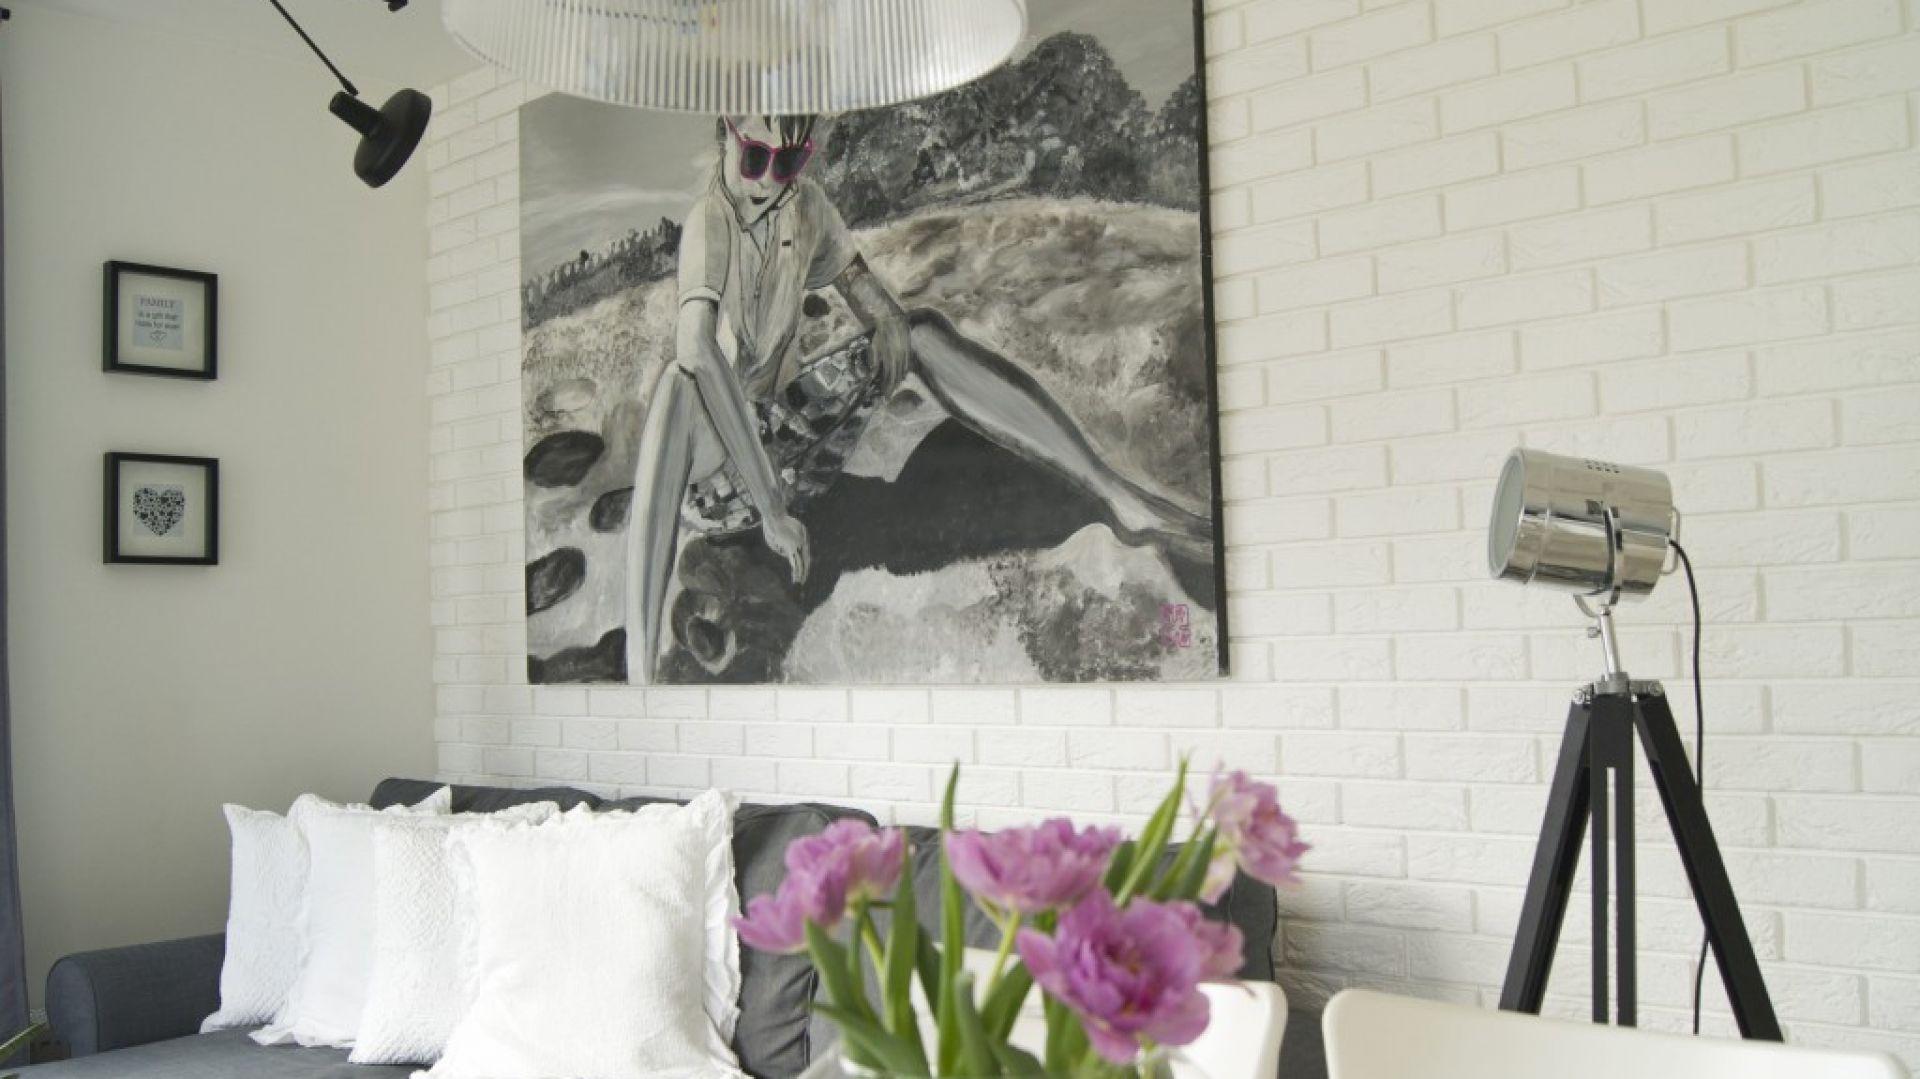 Gipsowe płytki cegłopodobne Parma doskonale odnajdują się w industrialnych oraz minimalistycznych wnętrzach. Fot. Stegu